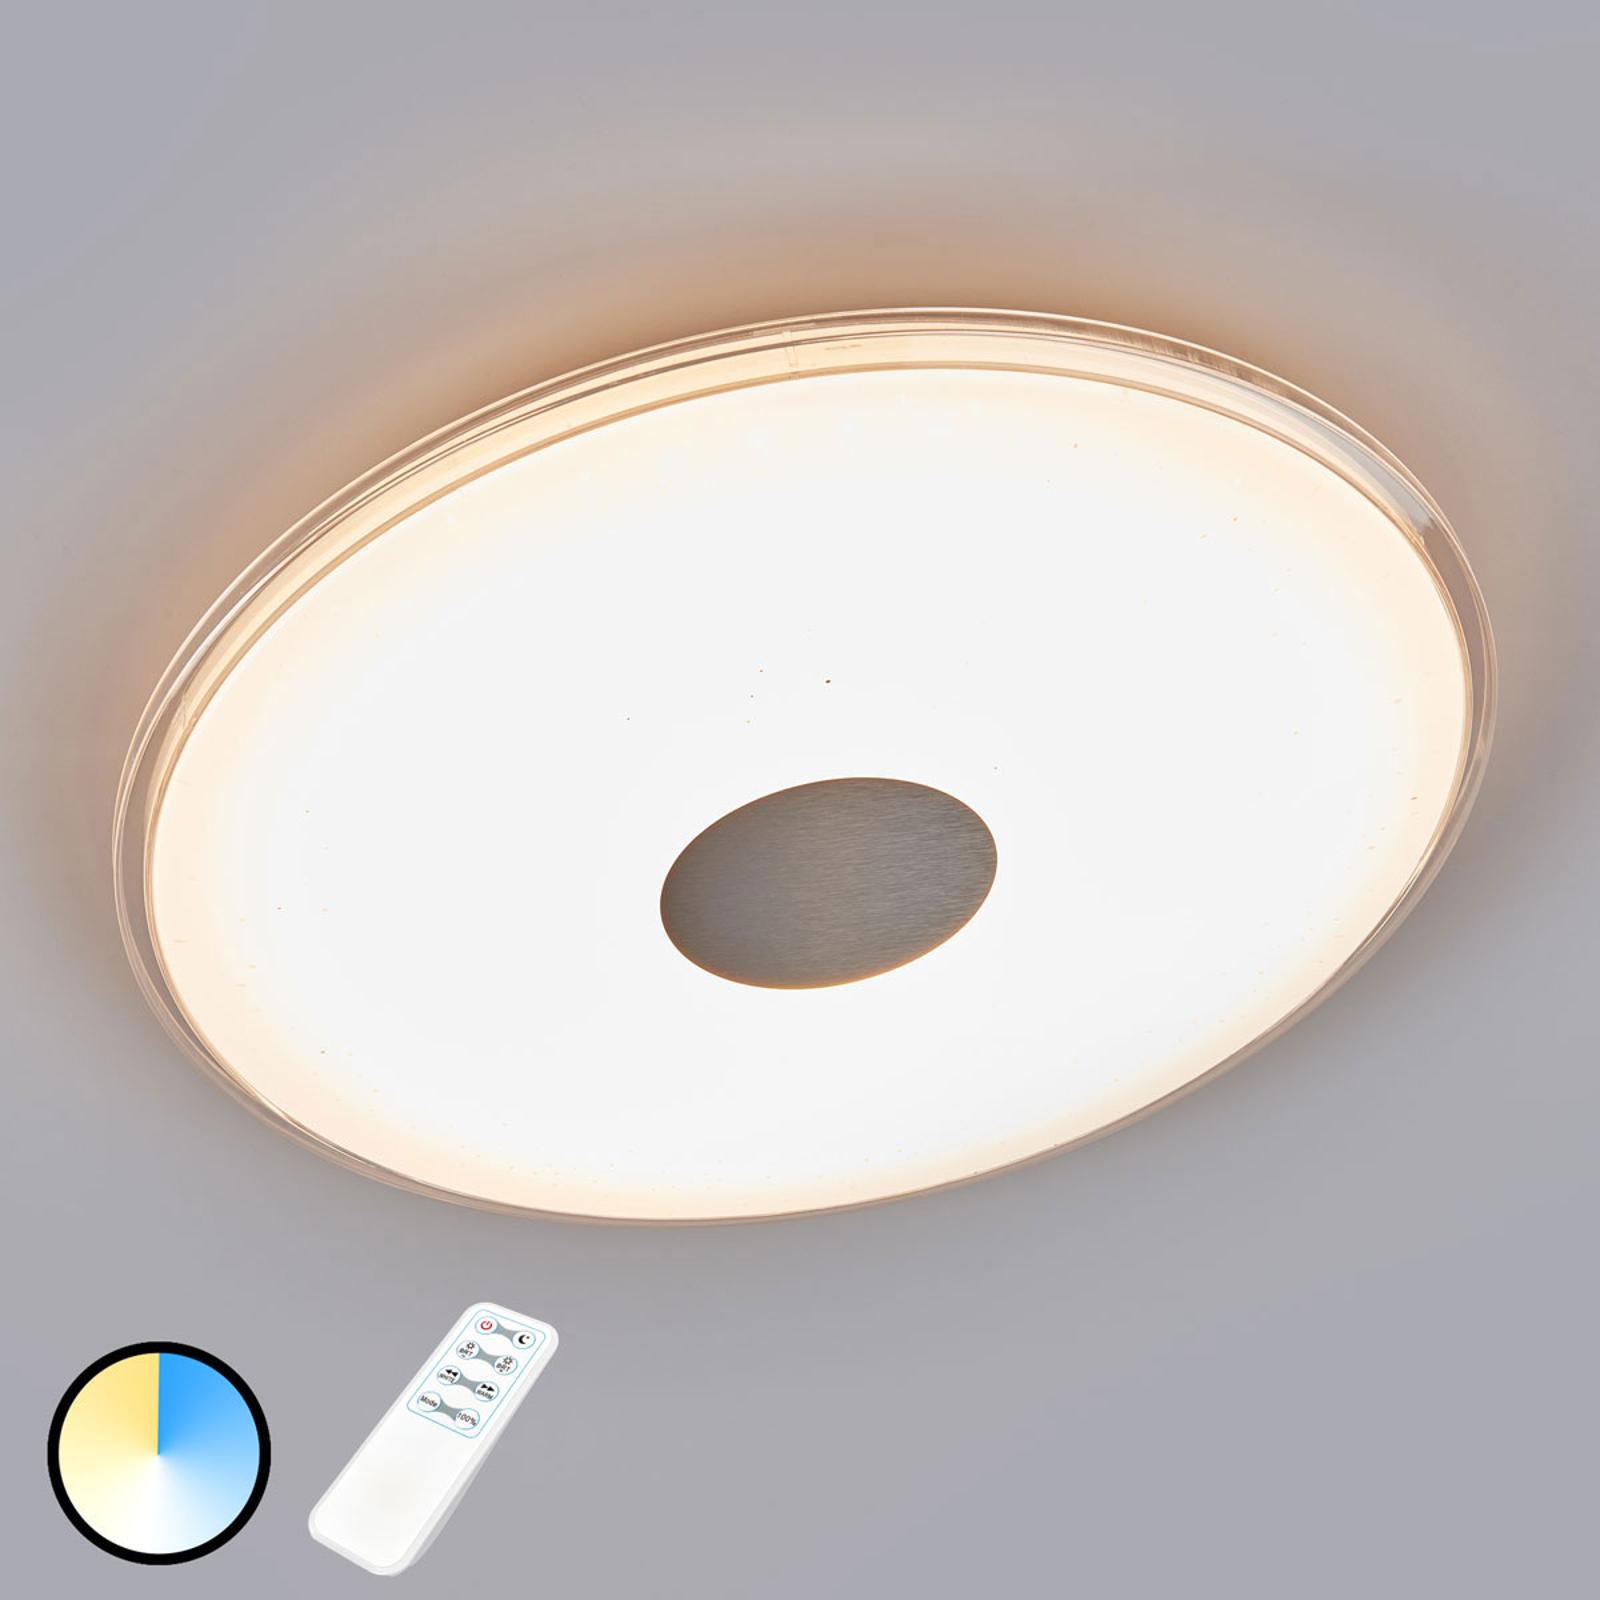 Pyöreä LED-kattovalaisin Shogun, kimallus